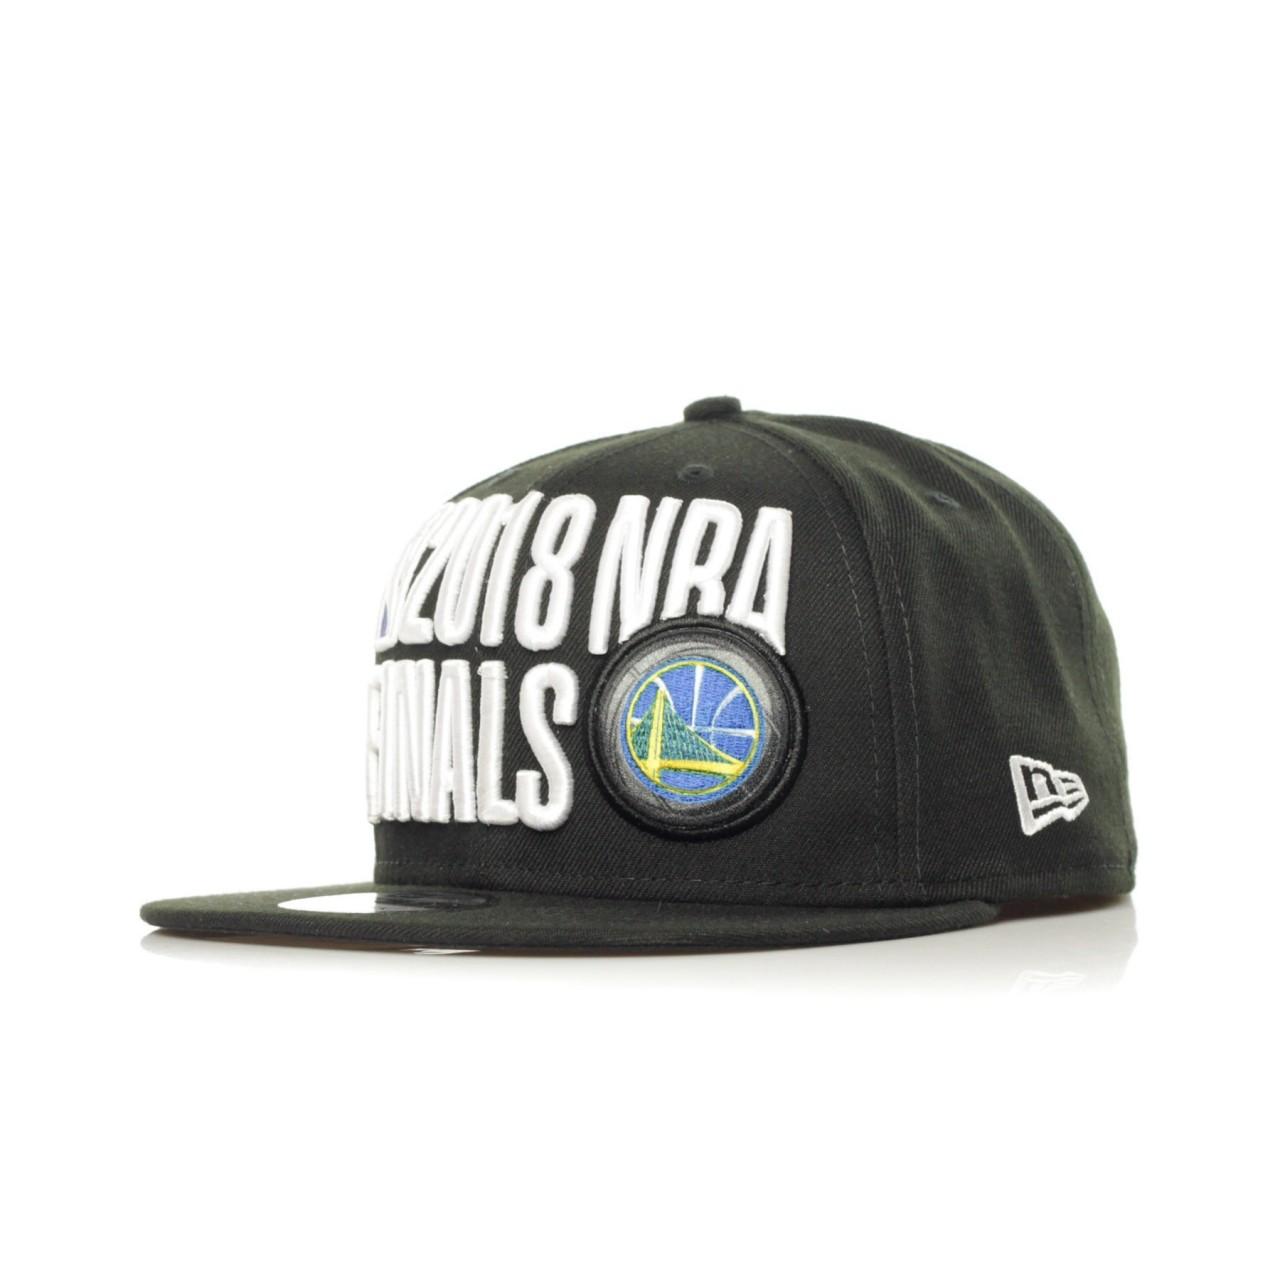 NEW ERA 950 18 NBA FINALS GOLWAR 11834820